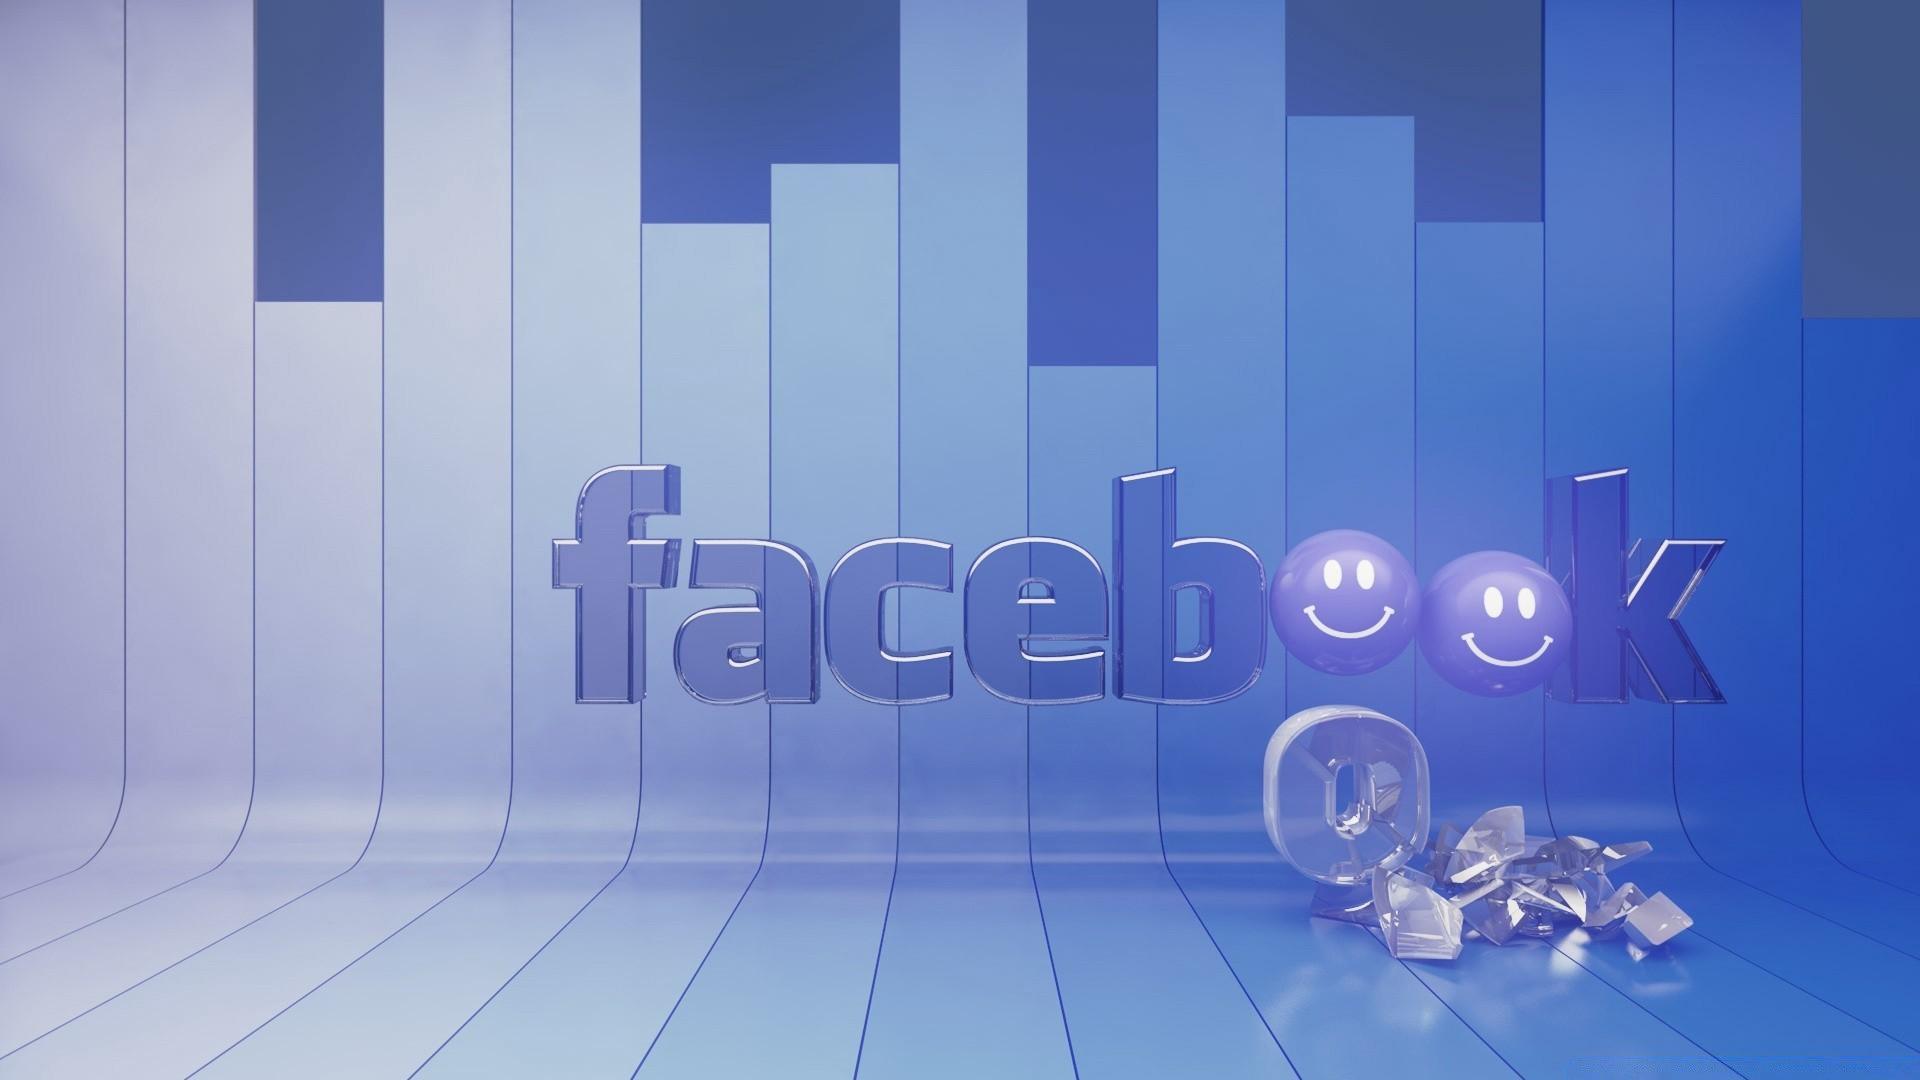 прикольные картинки на обложку в фейсбуке самых